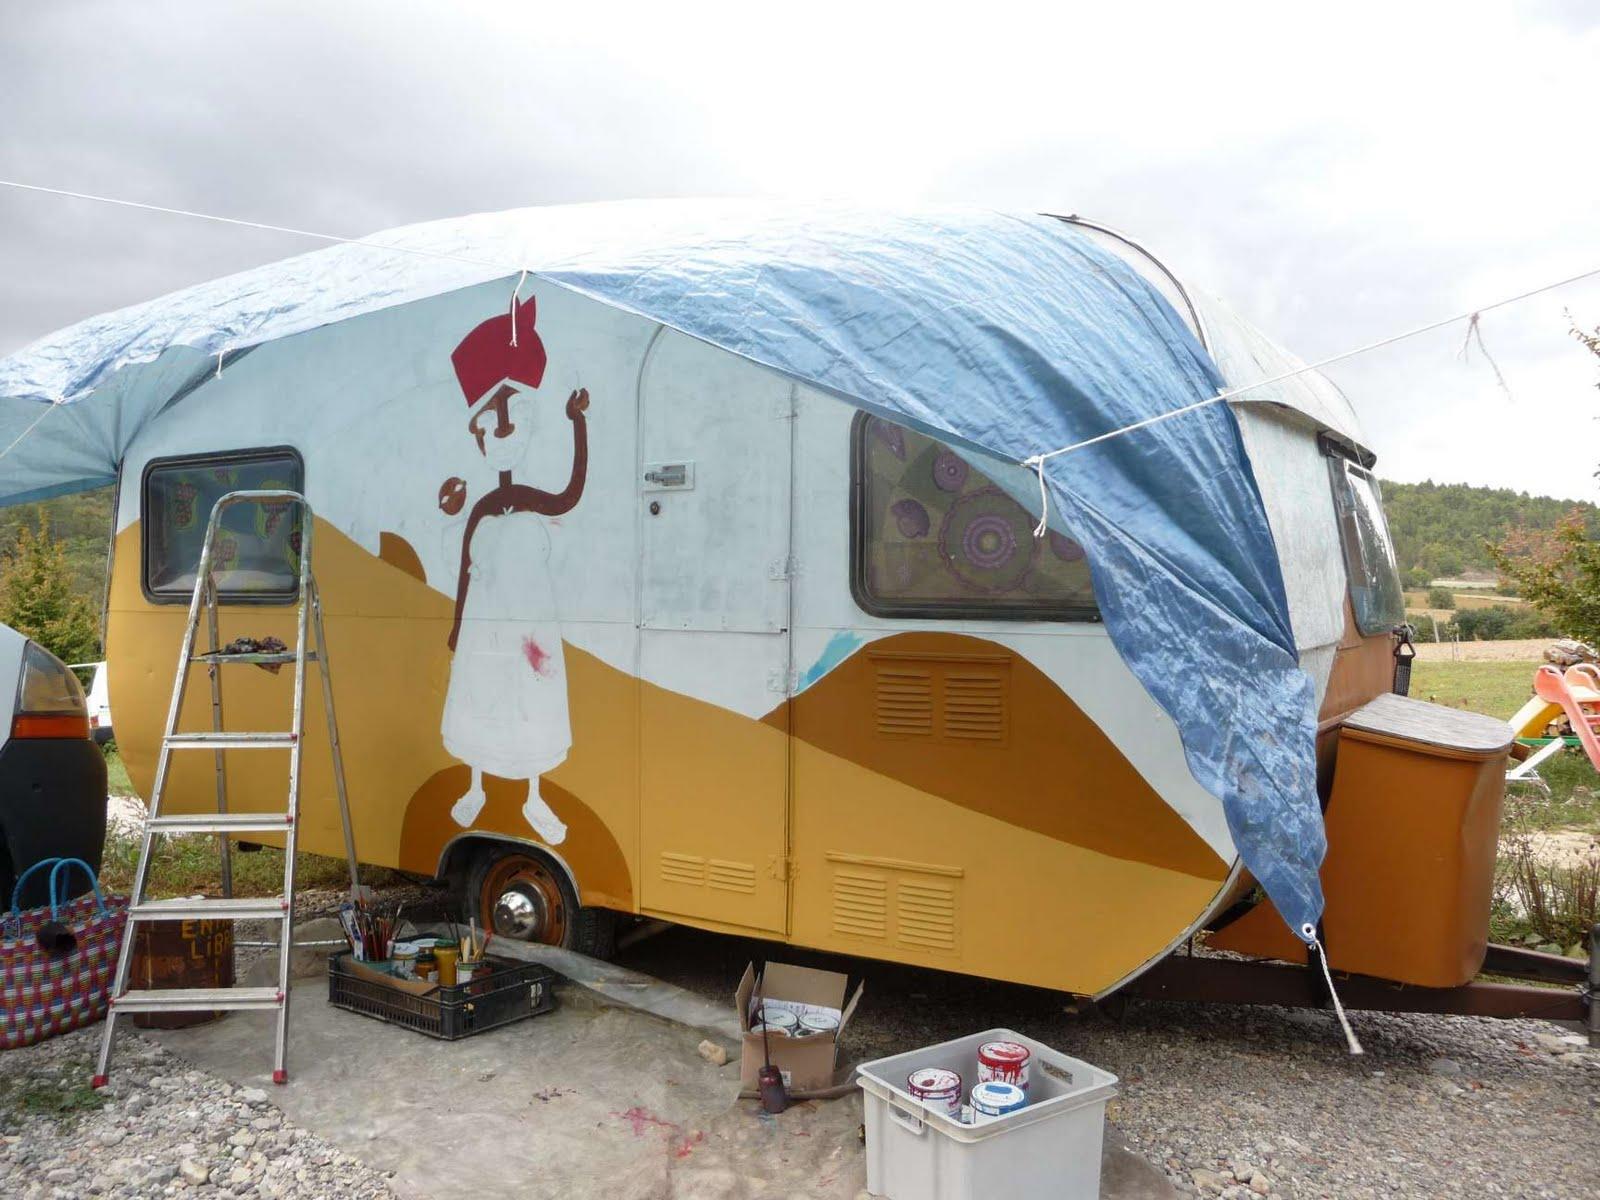 atelier des zarkyroul restauration de la caravane dessin et peinture. Black Bedroom Furniture Sets. Home Design Ideas